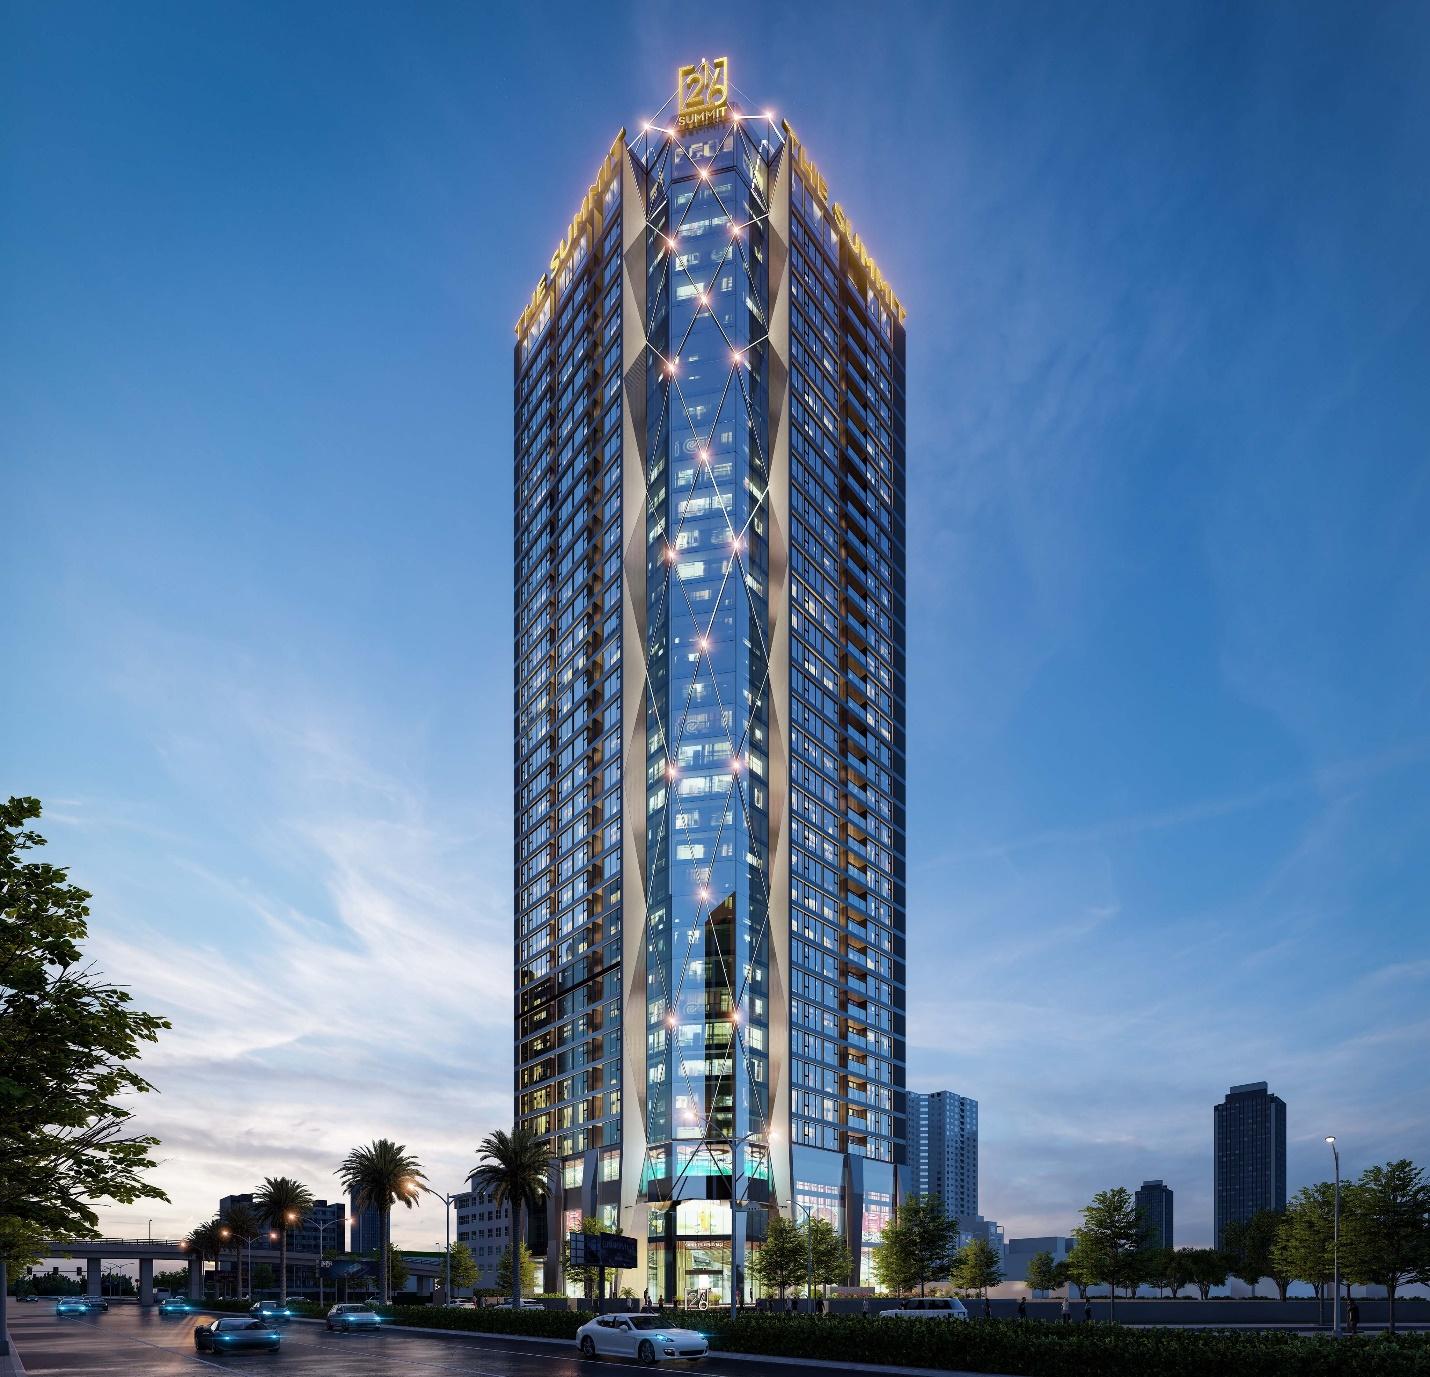 Ra mắt dự án đầu tiên tại Hà Nội thiết kế 100% căn hộ có tầm nhìn Panorama đẳng cấp 1